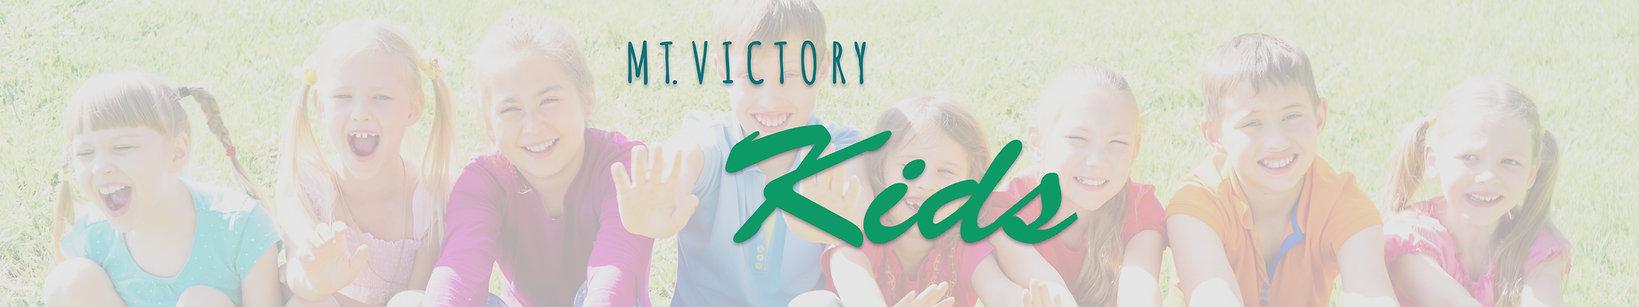 Mt. Victory Kids Header.jpg